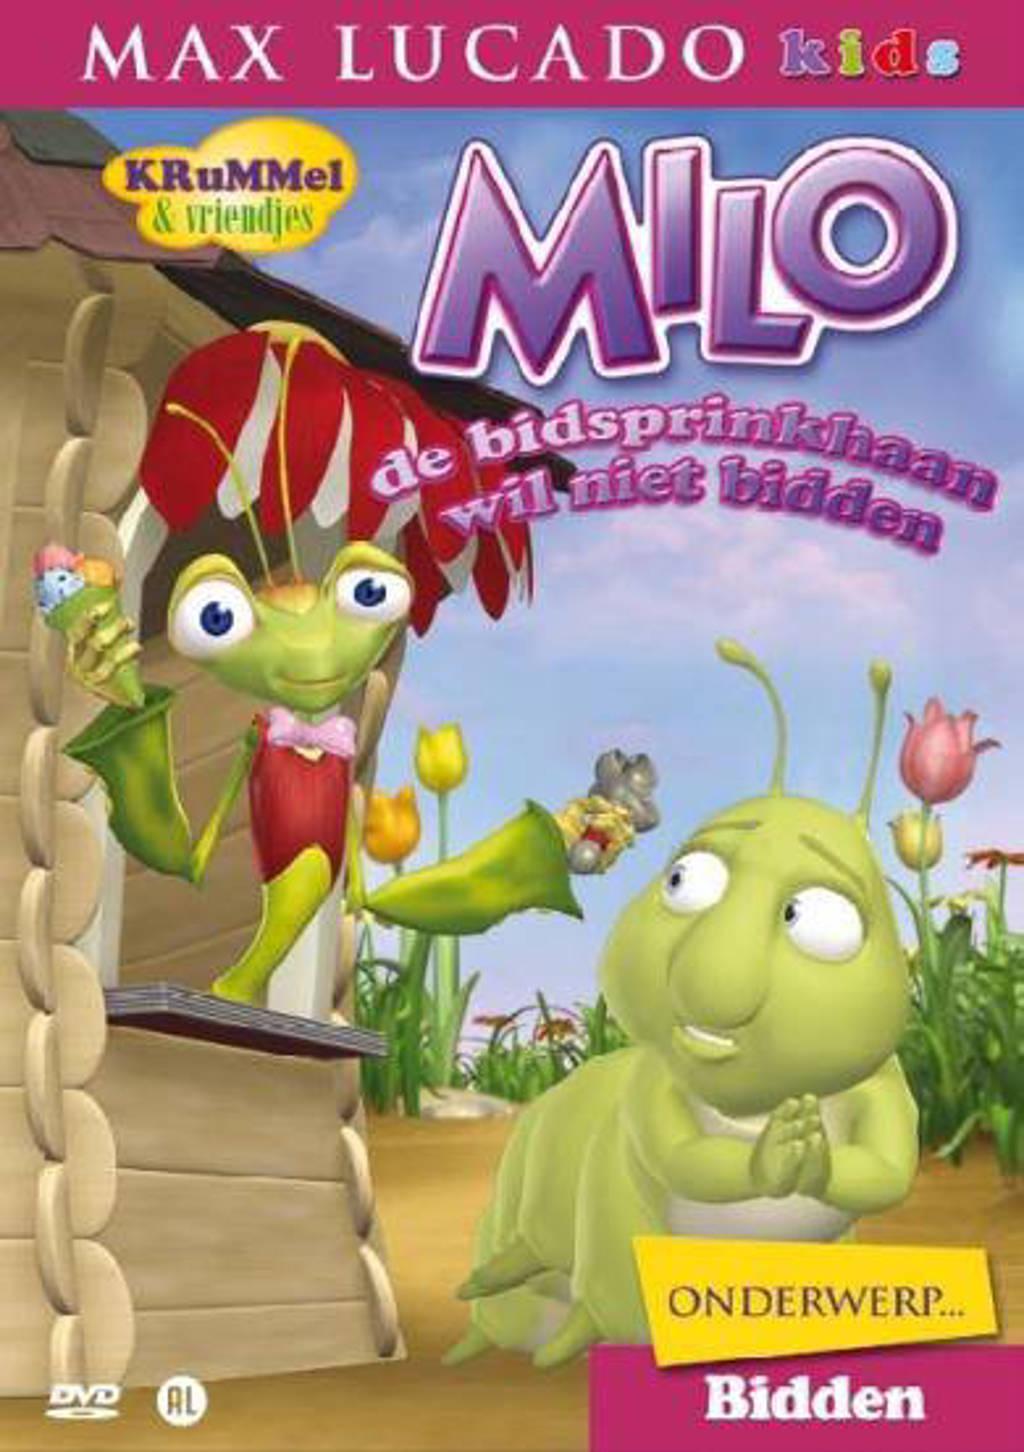 Krummel-milo de bidsprinkhaan wil niet bidden (DVD)